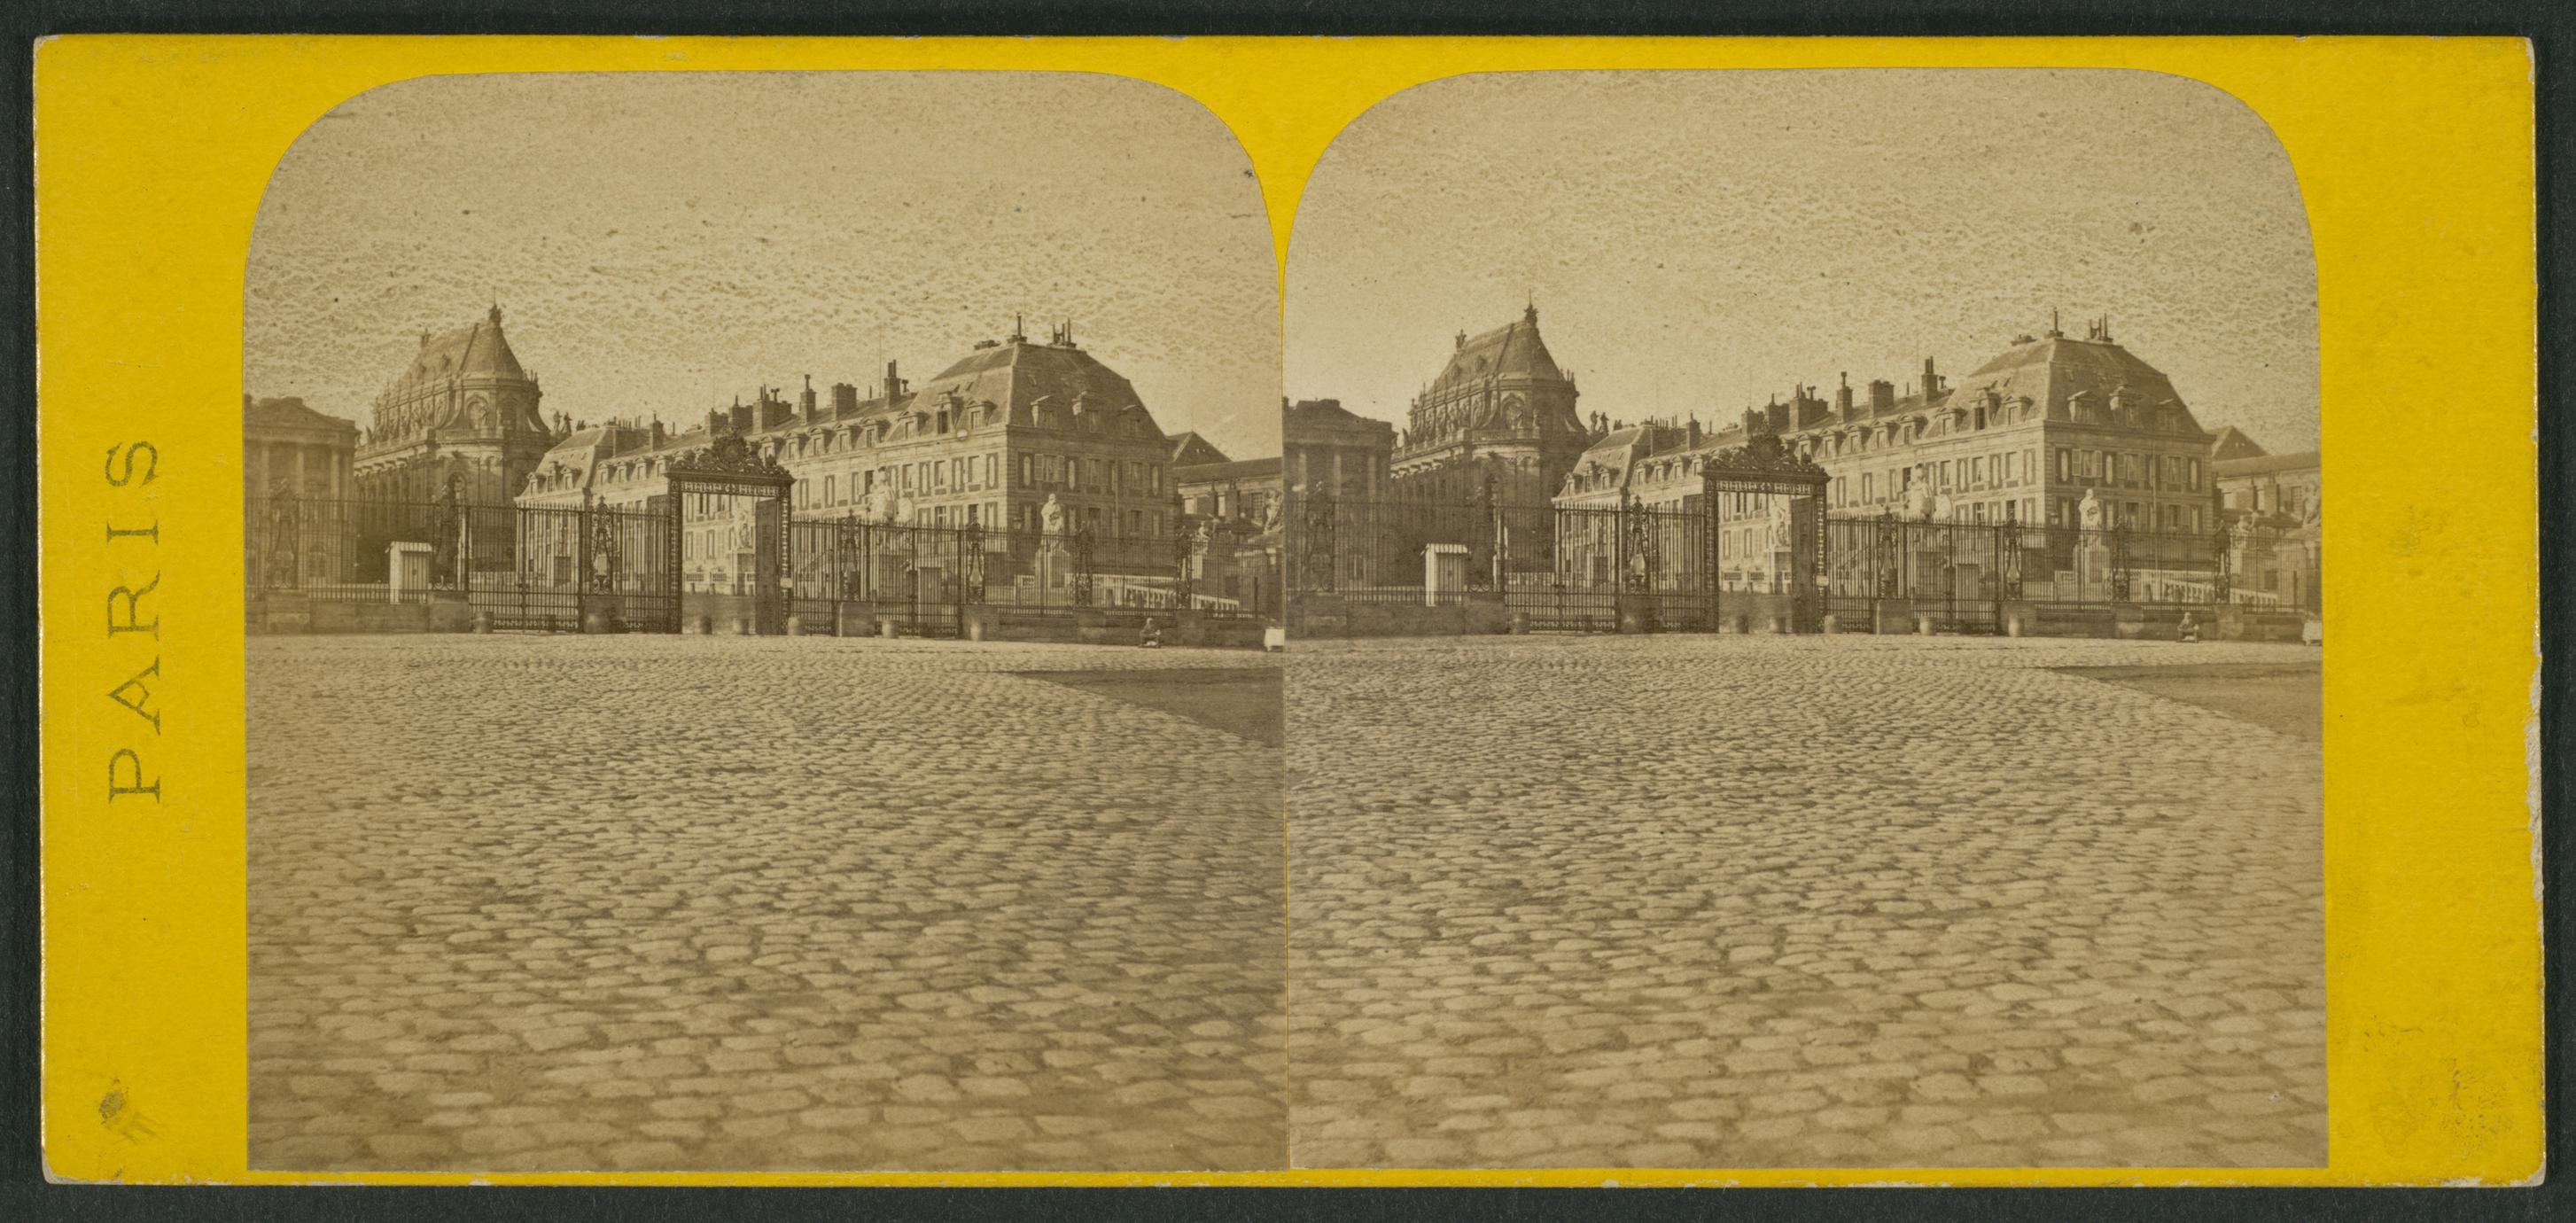 Le Château Versailles (1 of 3)